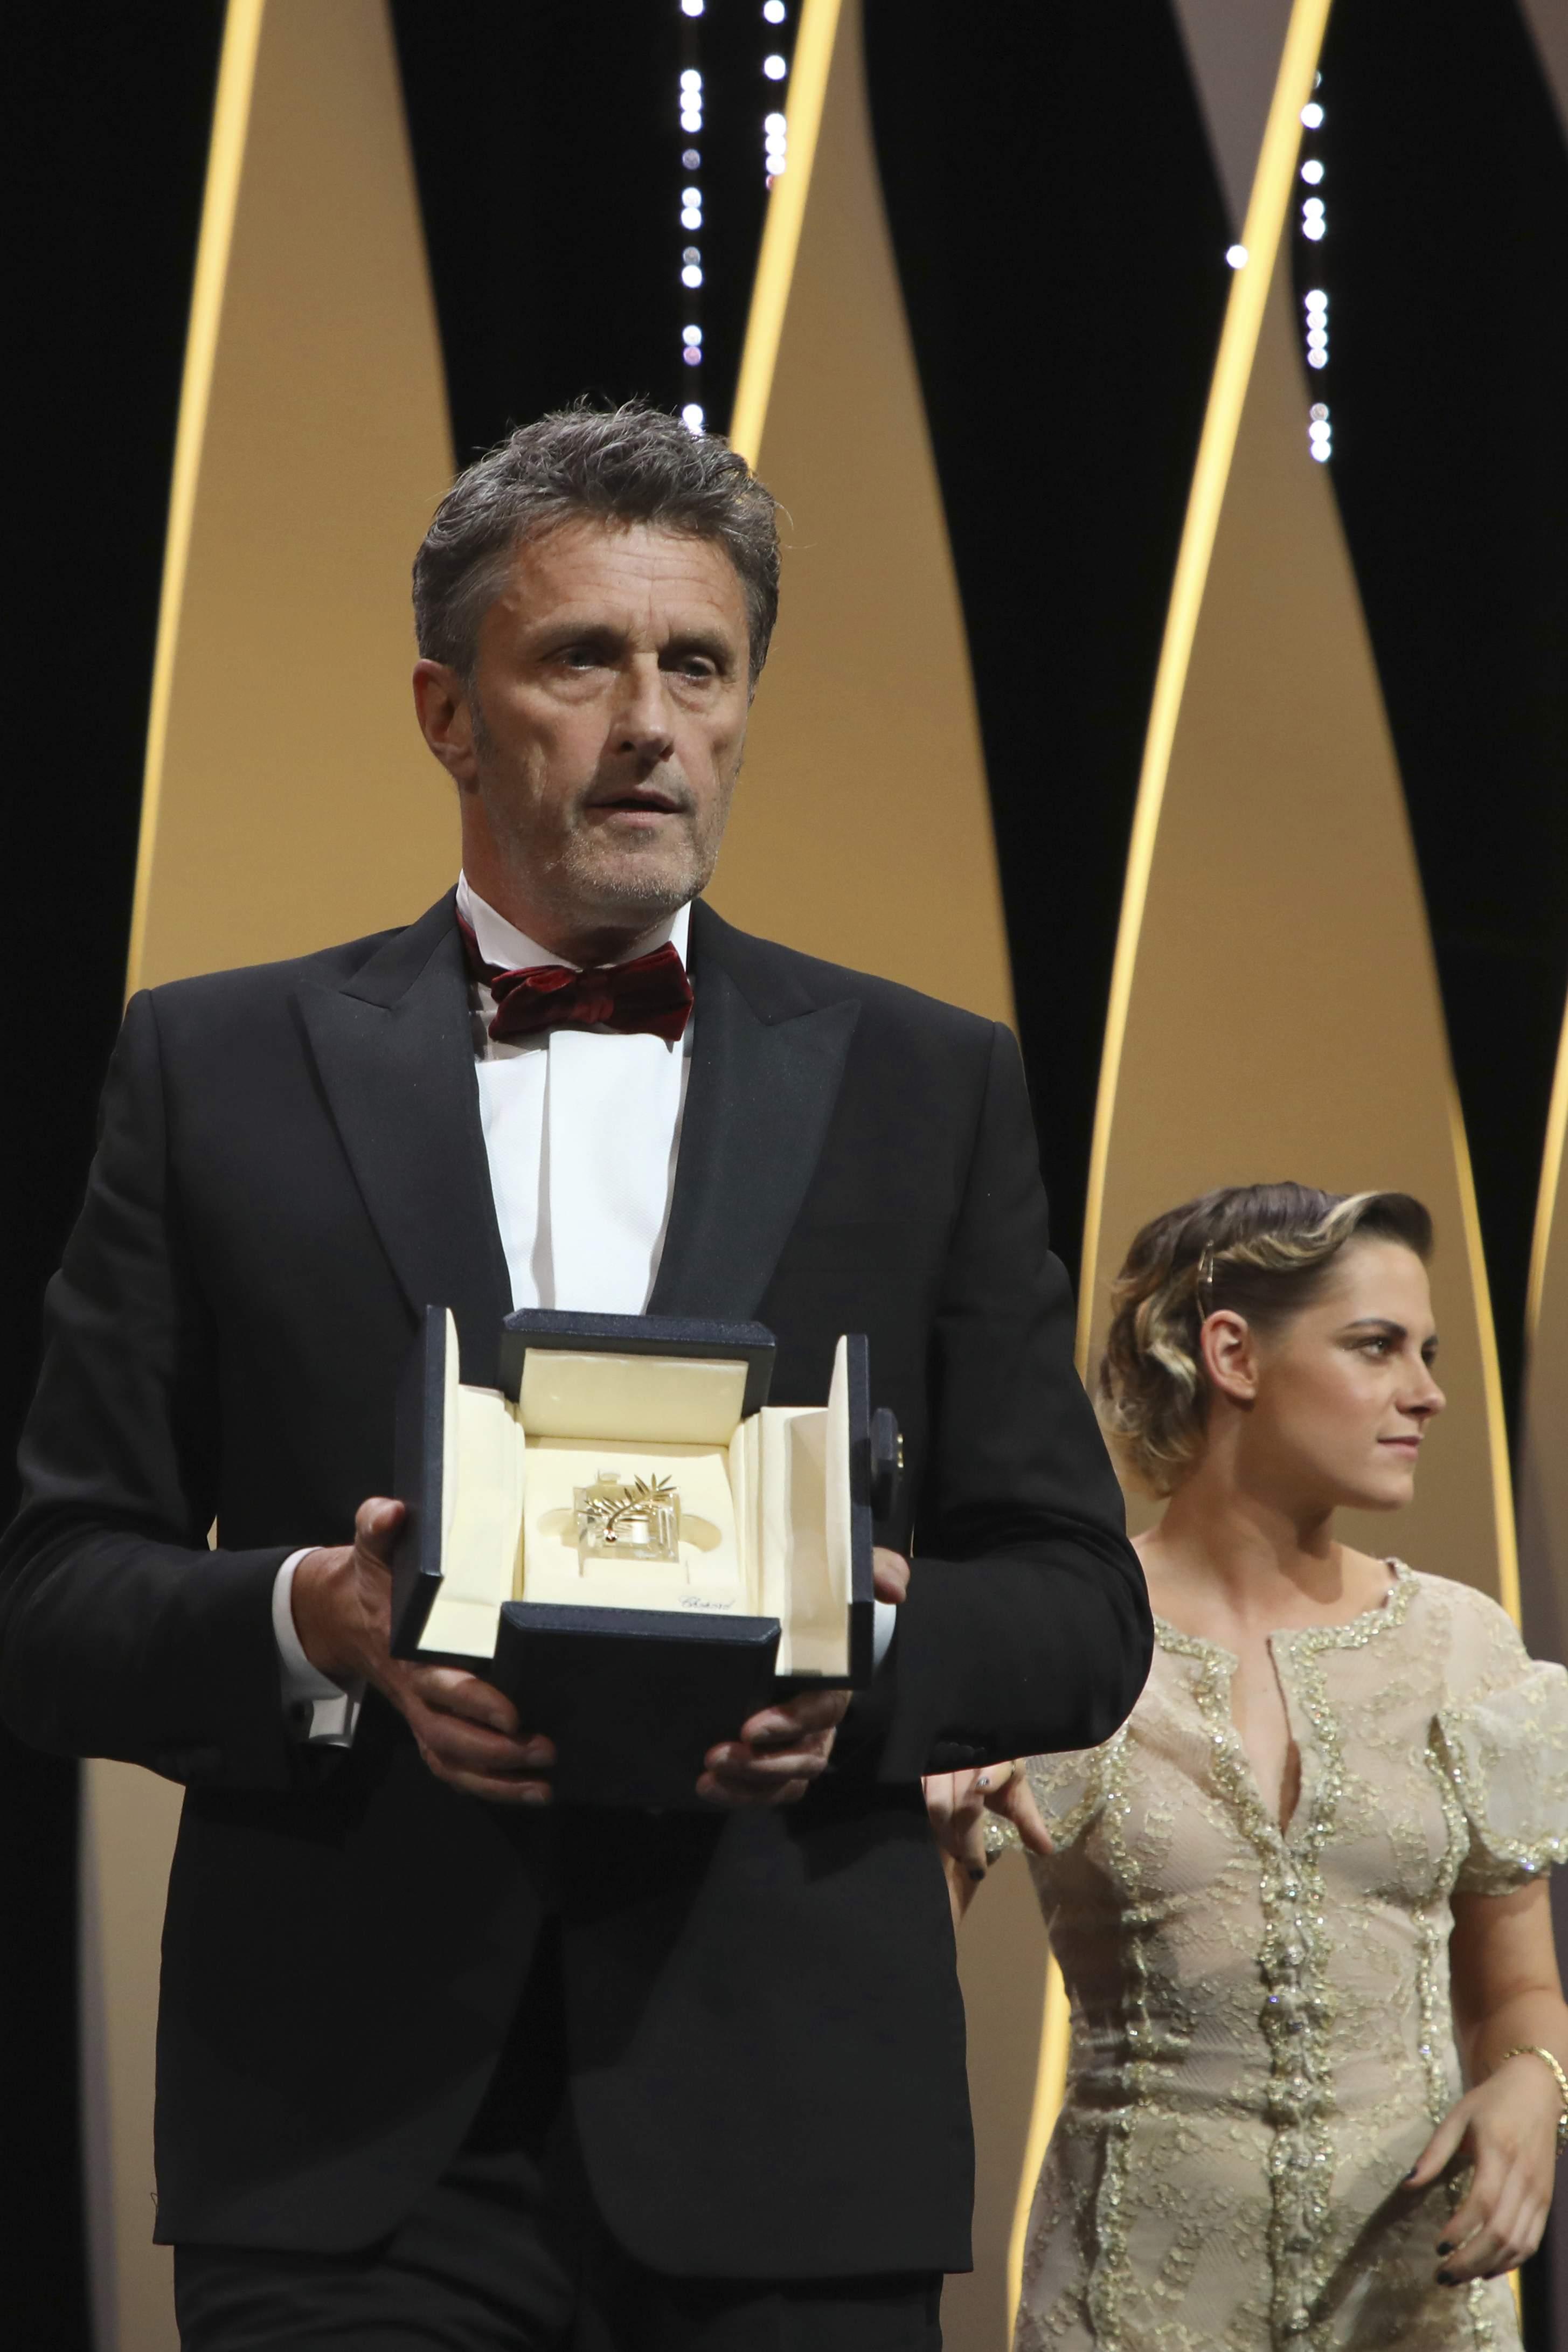 Giải thưởng đạo diễn xuất sắc nhất về tay Pawel Pawlikowski (Ba Lan) với bộ phimCold War (tạm dịch: Điệp vụ đối đầu), nói về những vết thương hậu chiến tranh thế giới lần thứ hai.